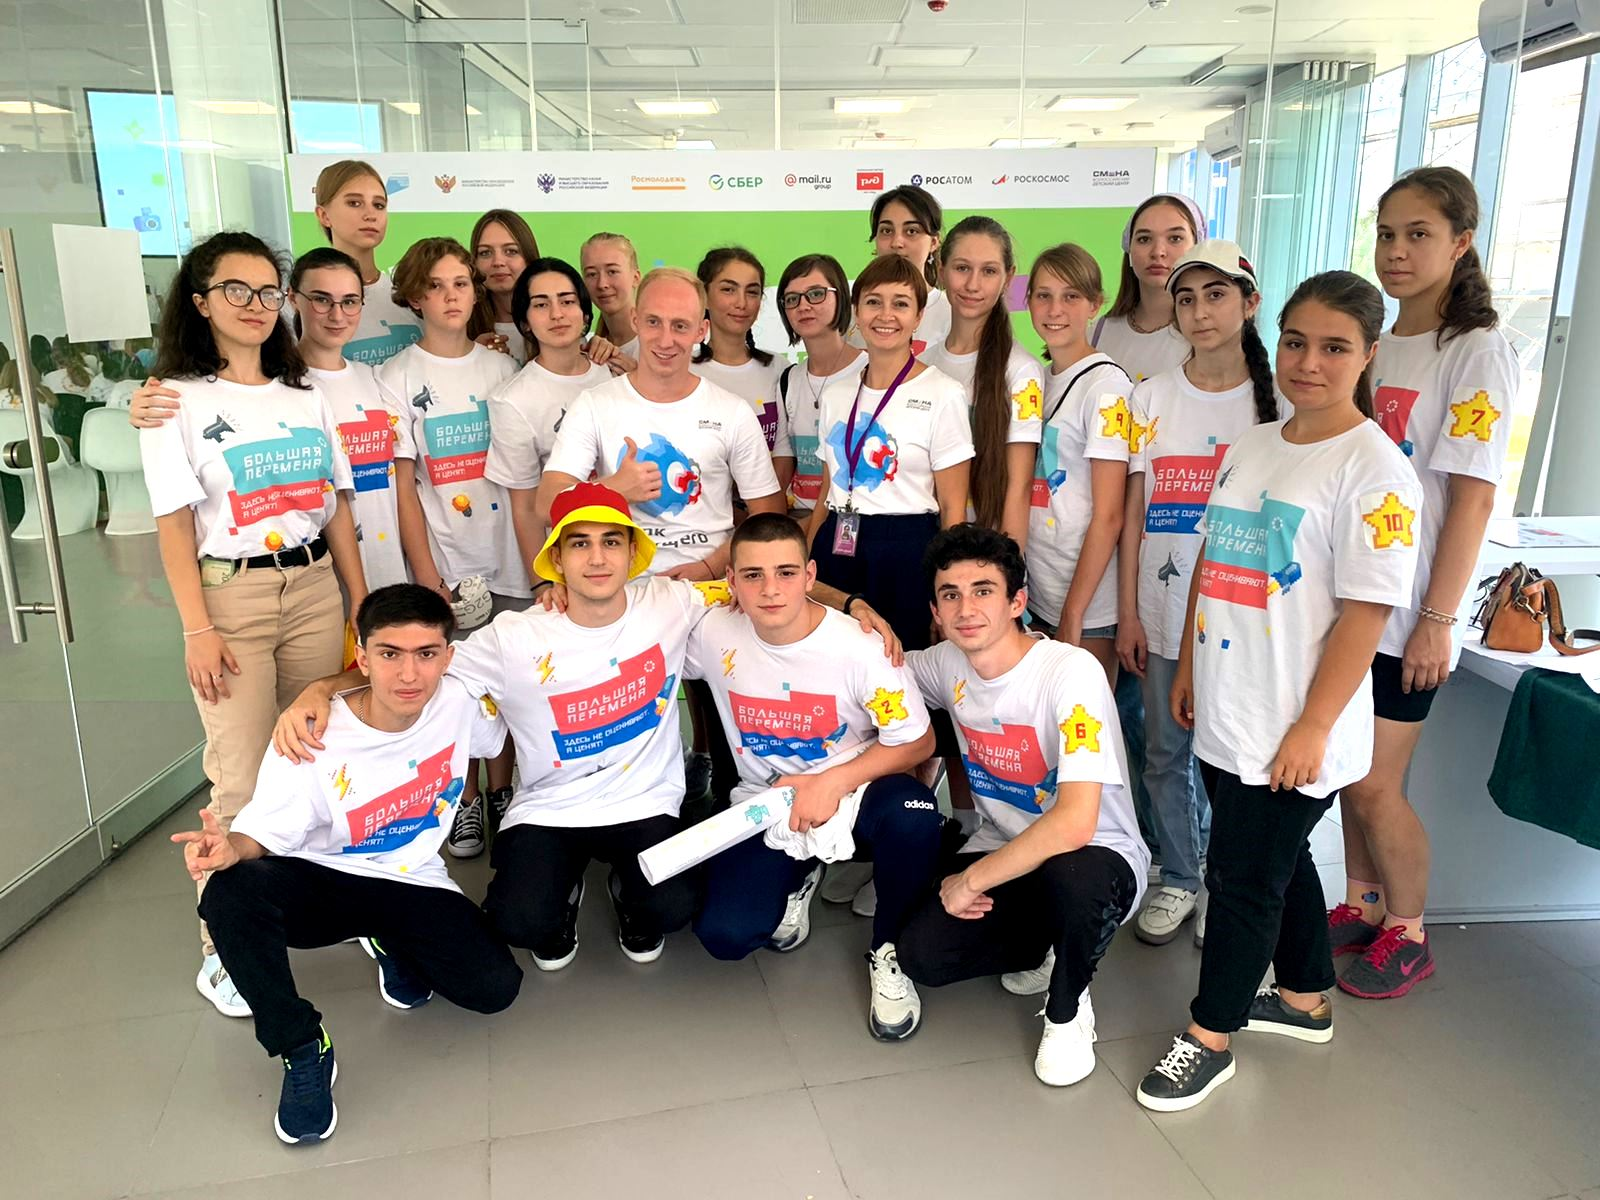 Североосетинские школьники принимают участие в полуфинале конкурса «Большая перемена»